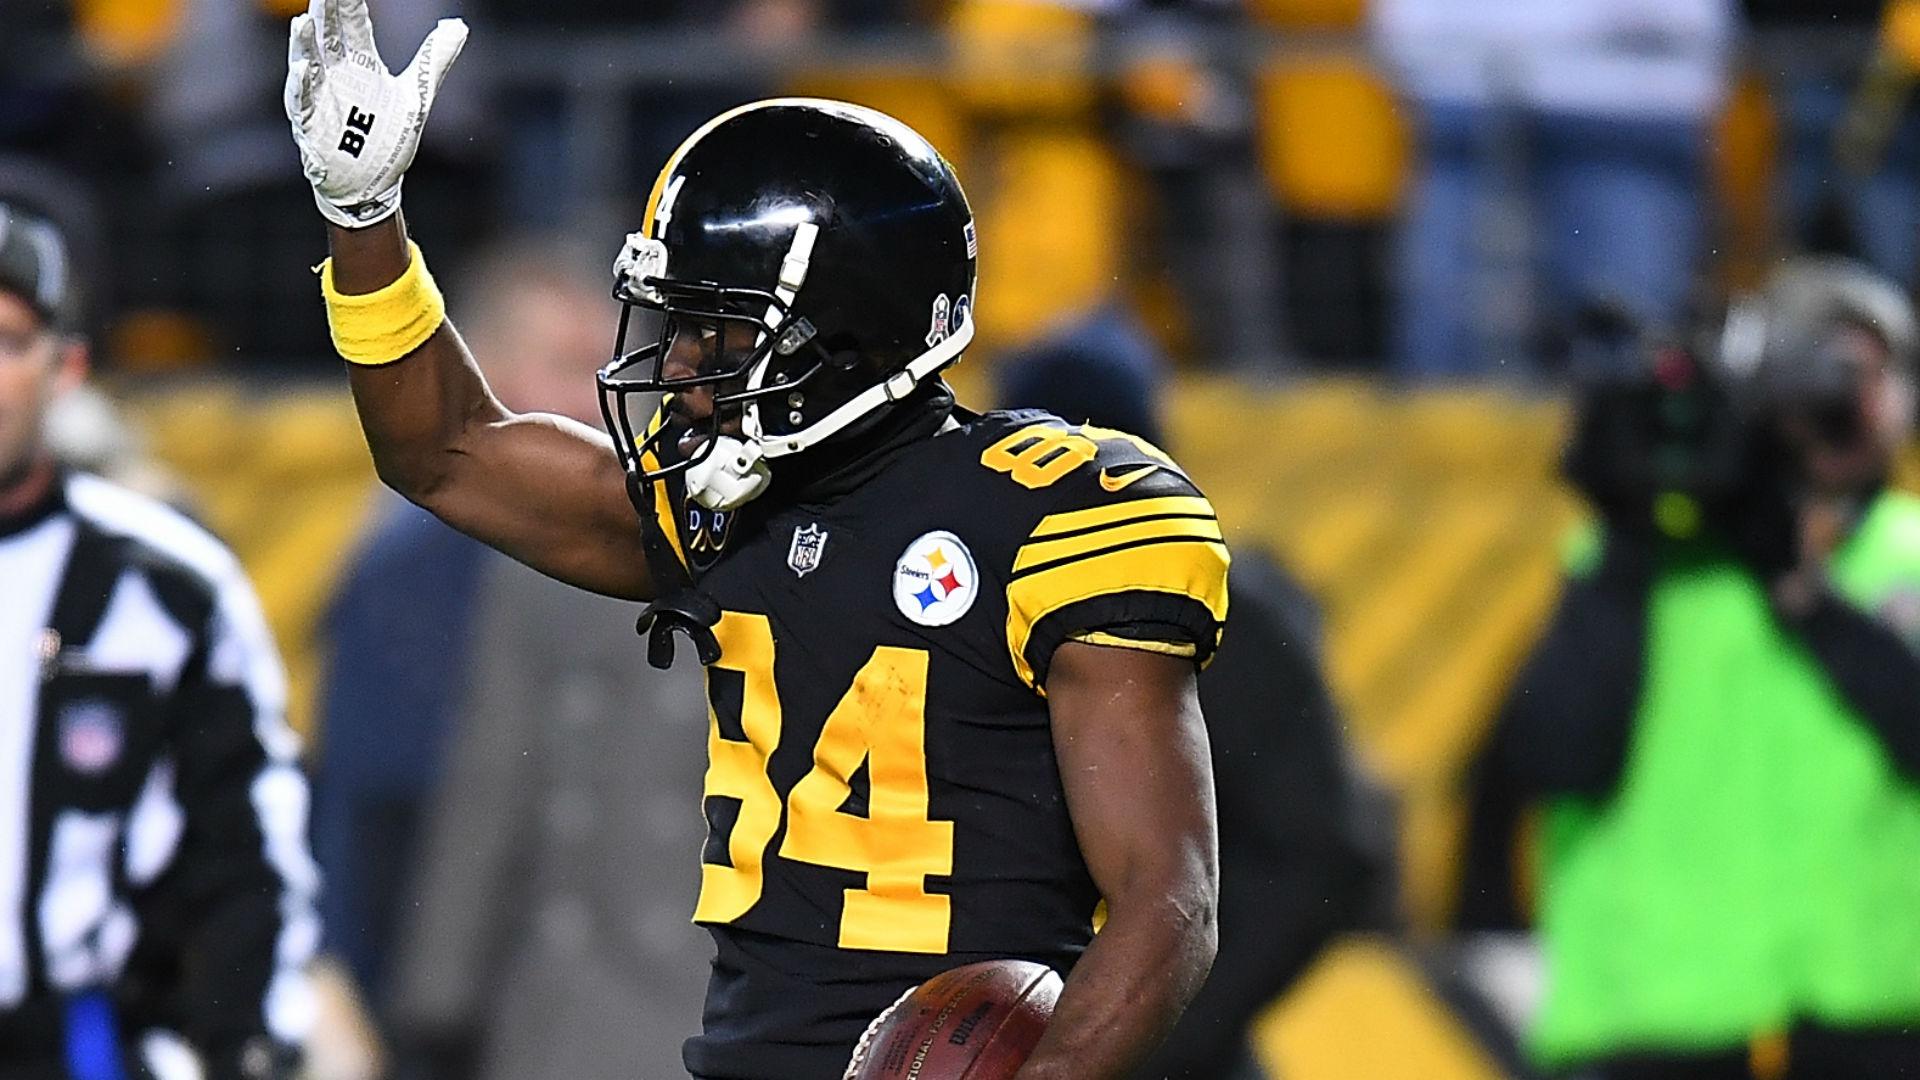 Antonio Brown's helmet catch in the end zone seals Steelers win